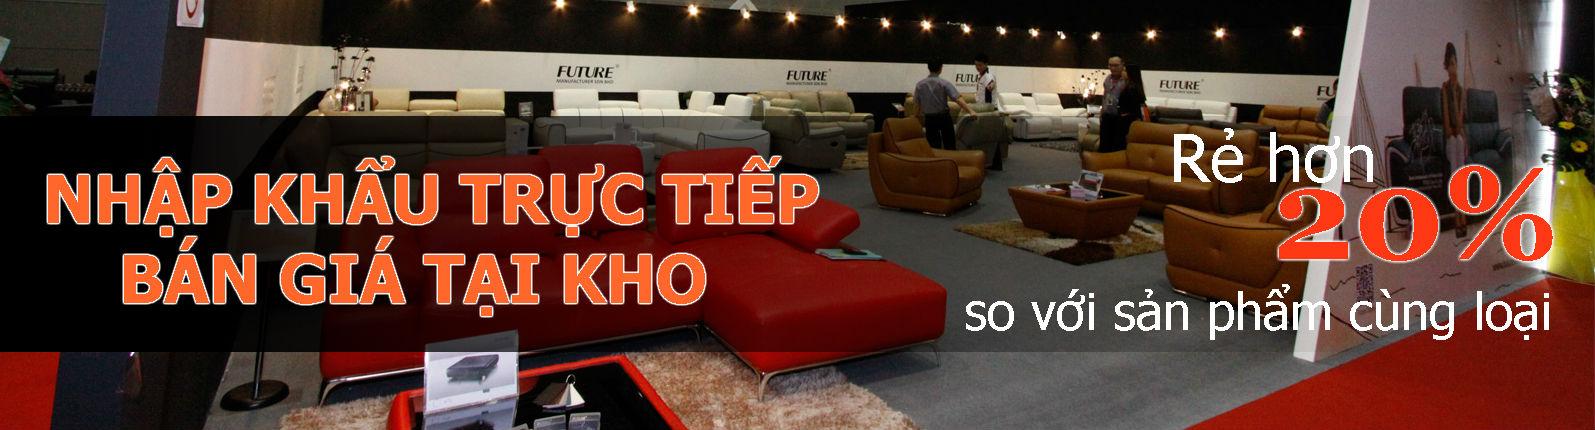 Sofa da góc chữ L Future Model 7051 giảm giá 40% saigonsofa.com